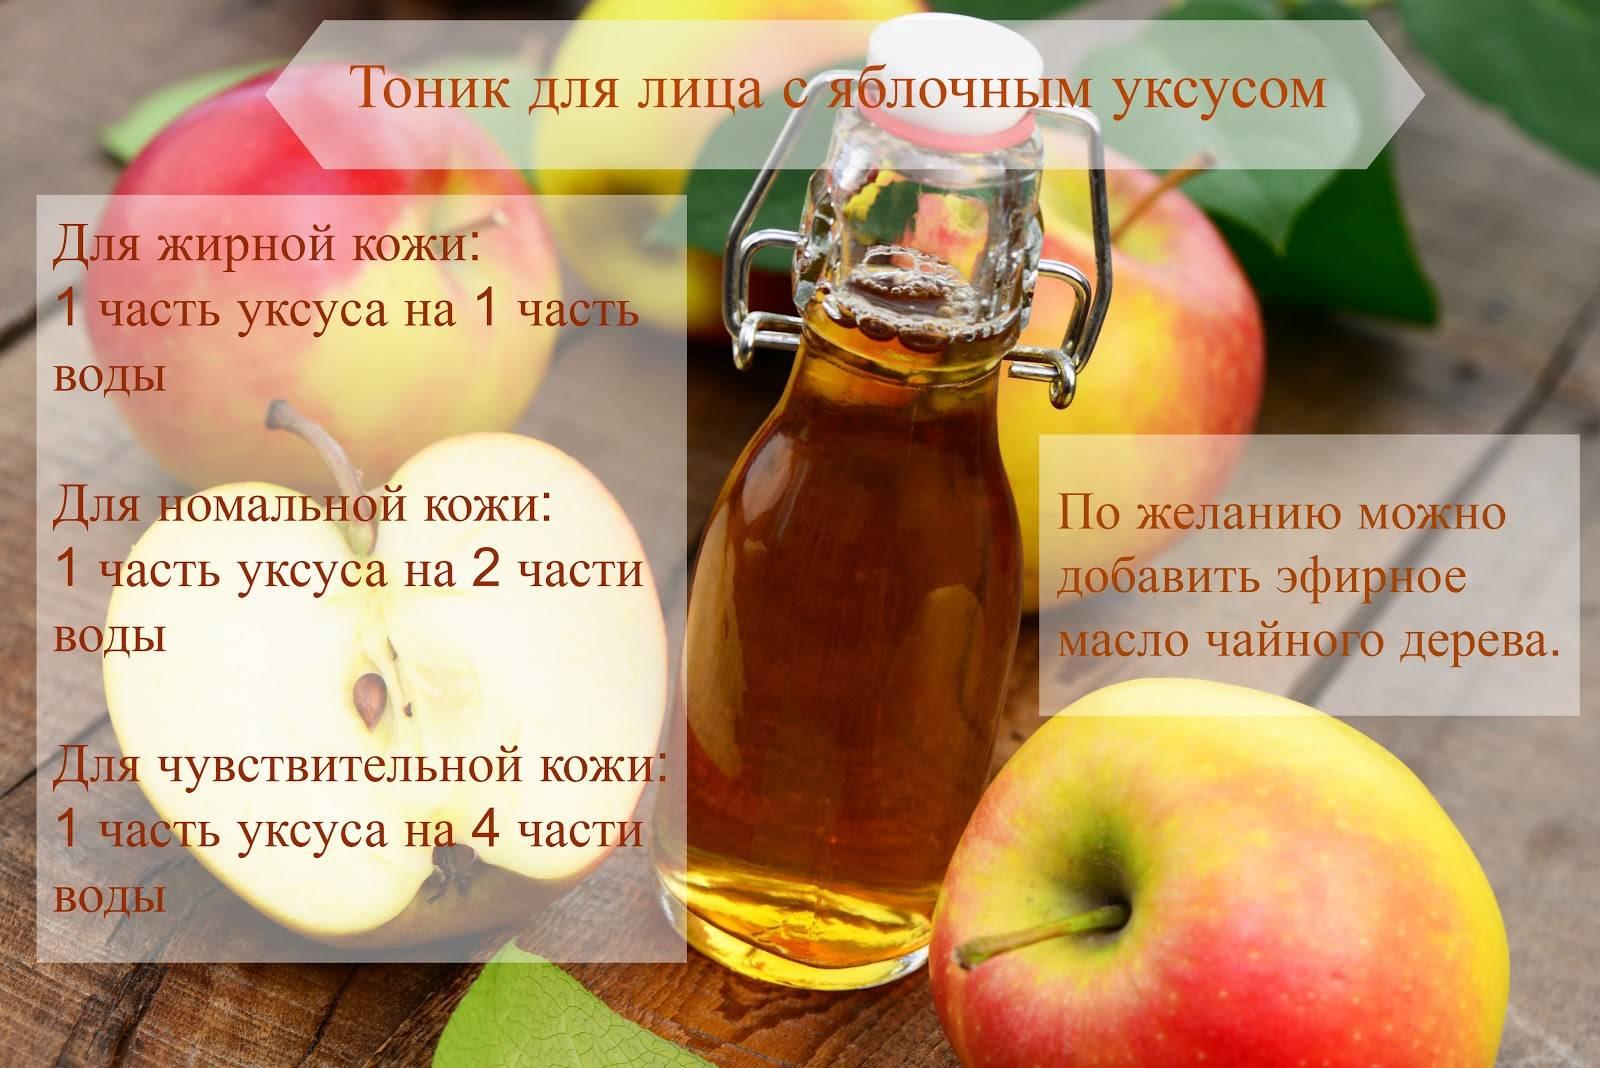 Избавляемся от целлюлита яблочным уксусом